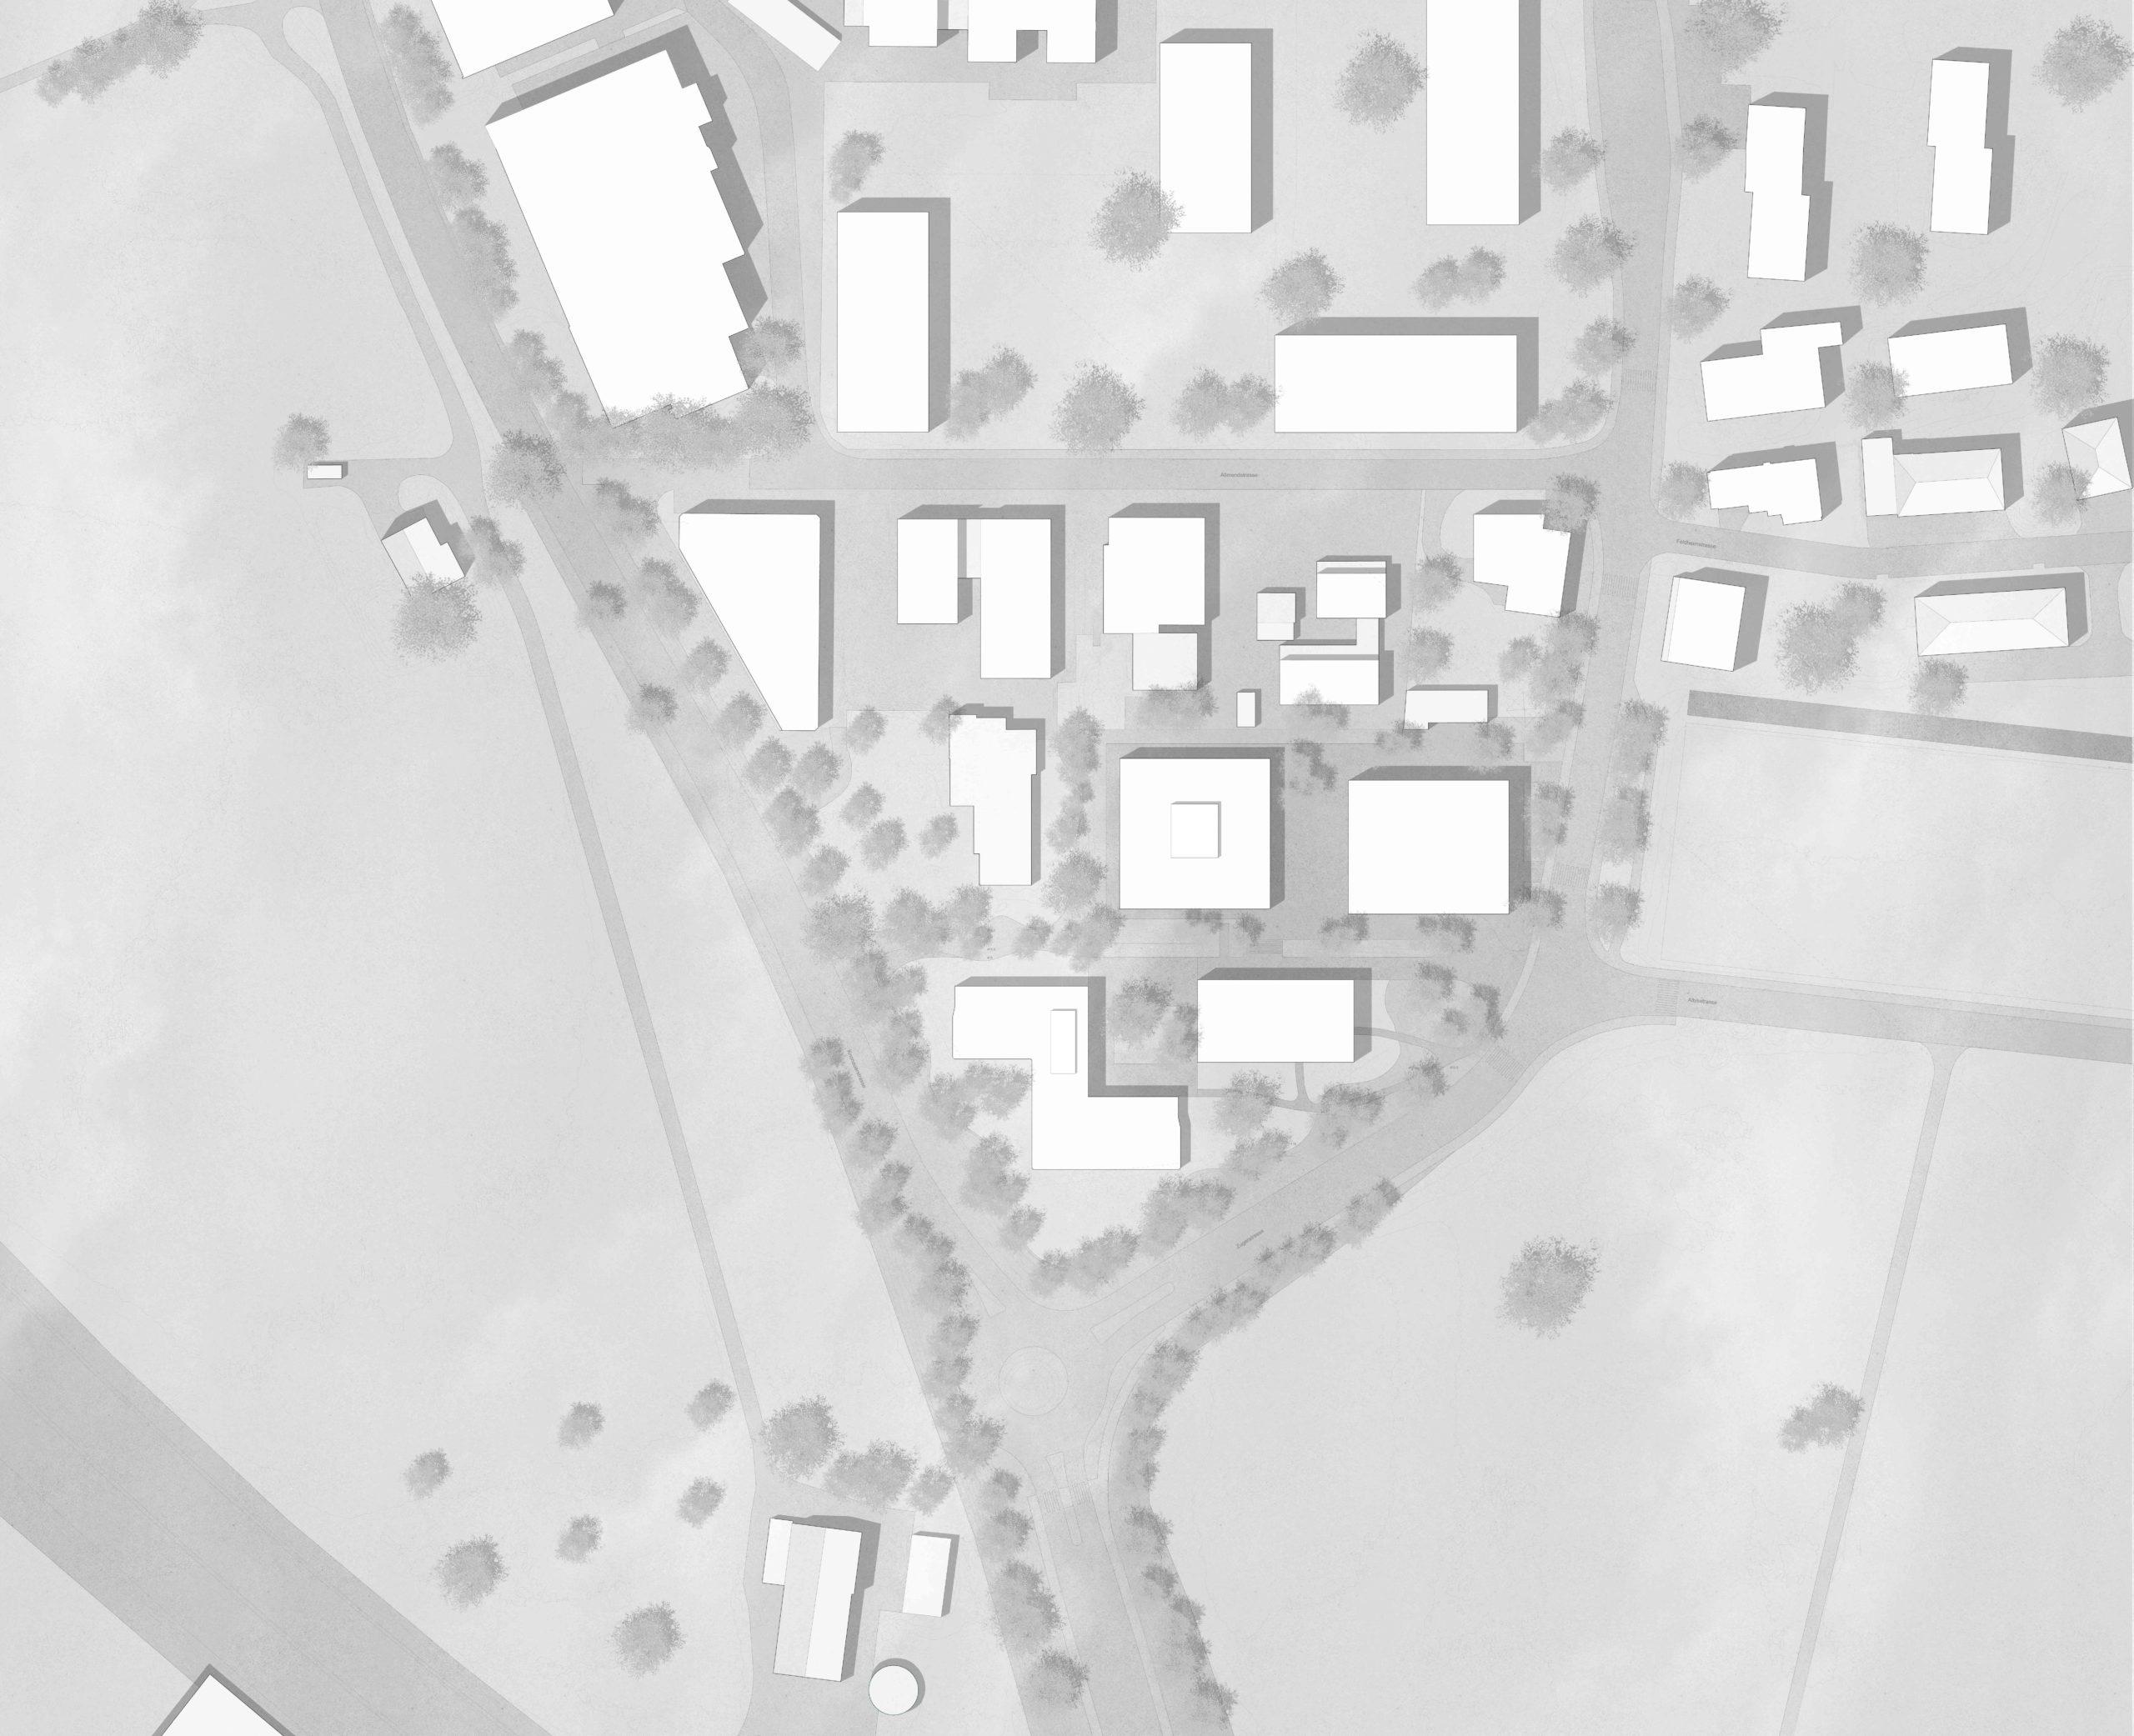 Durchgansstation Asyl Steinhausen Kanton Zug  Situationsplan